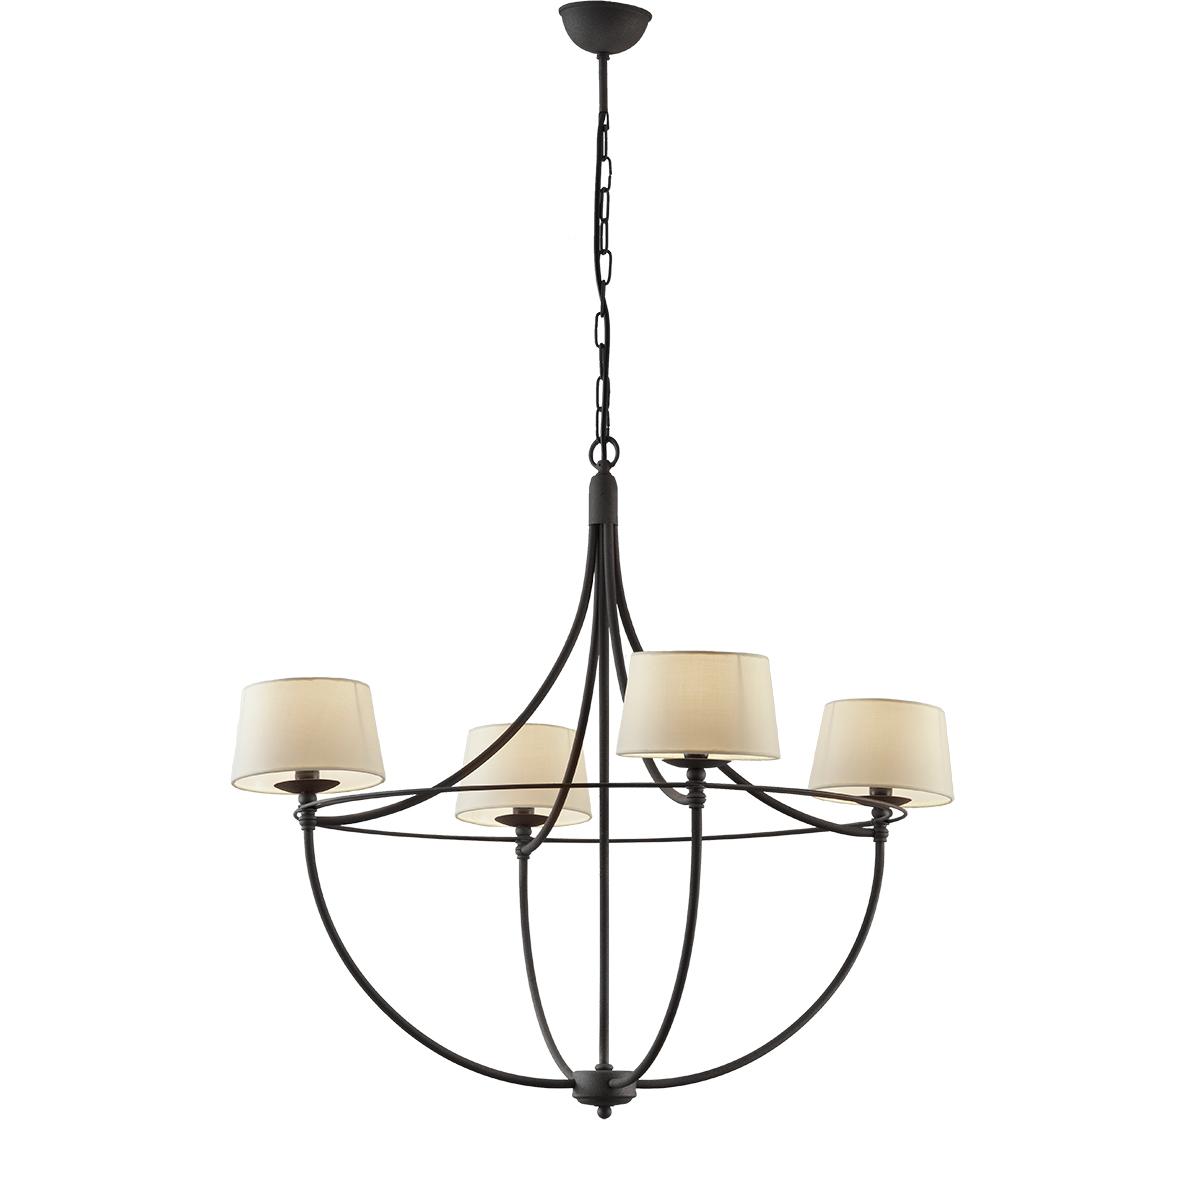 Κρεμαστό φωτιστικό με καπέλα σε πατίνα γραφίτη VILLAGE graphite patinated rustic chandelier with lamp shades